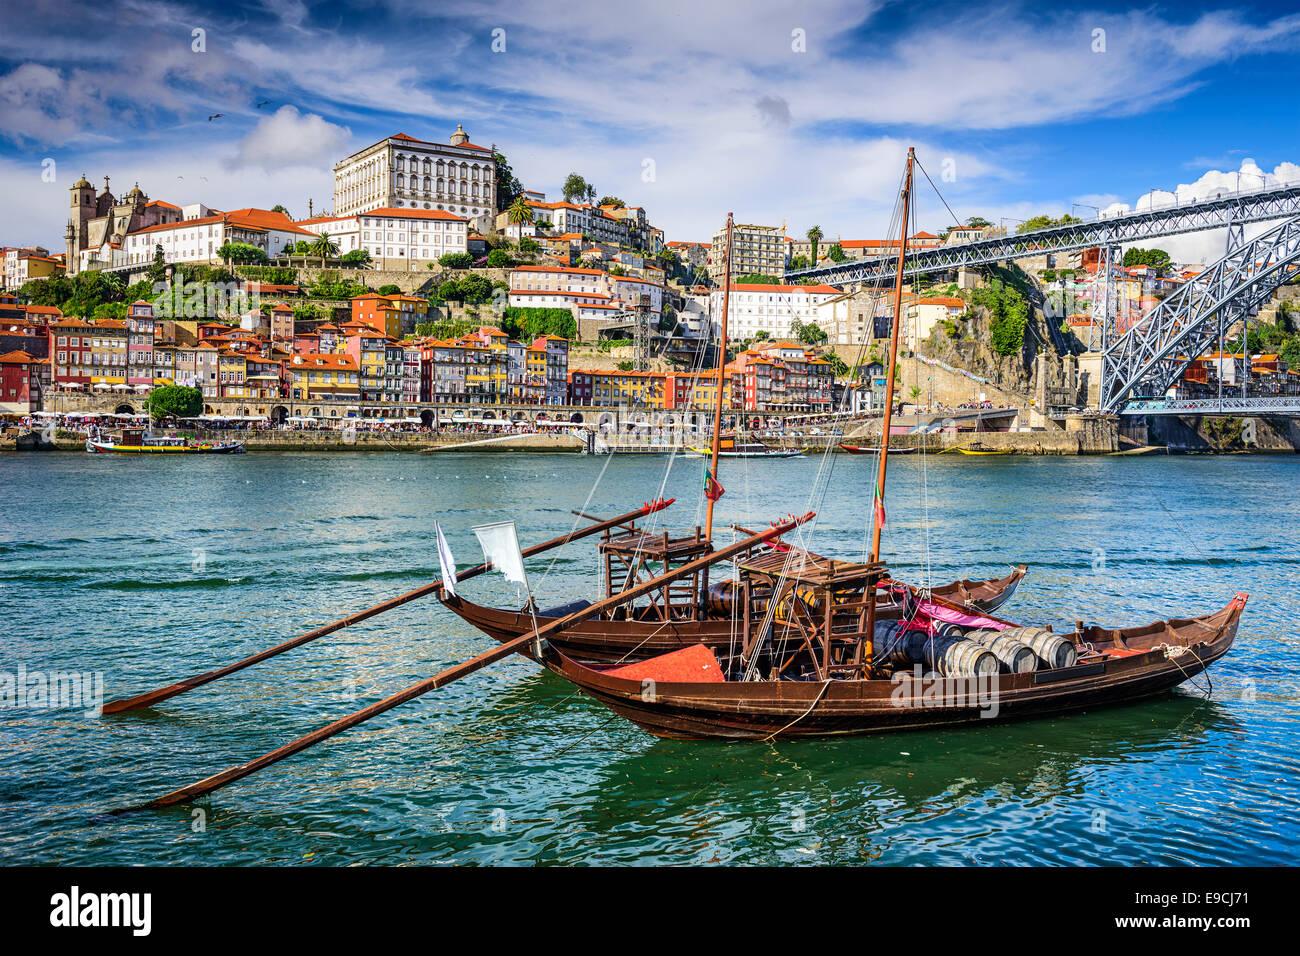 Porto, Portogallo cityscape sul fiume Douro. Immagini Stock